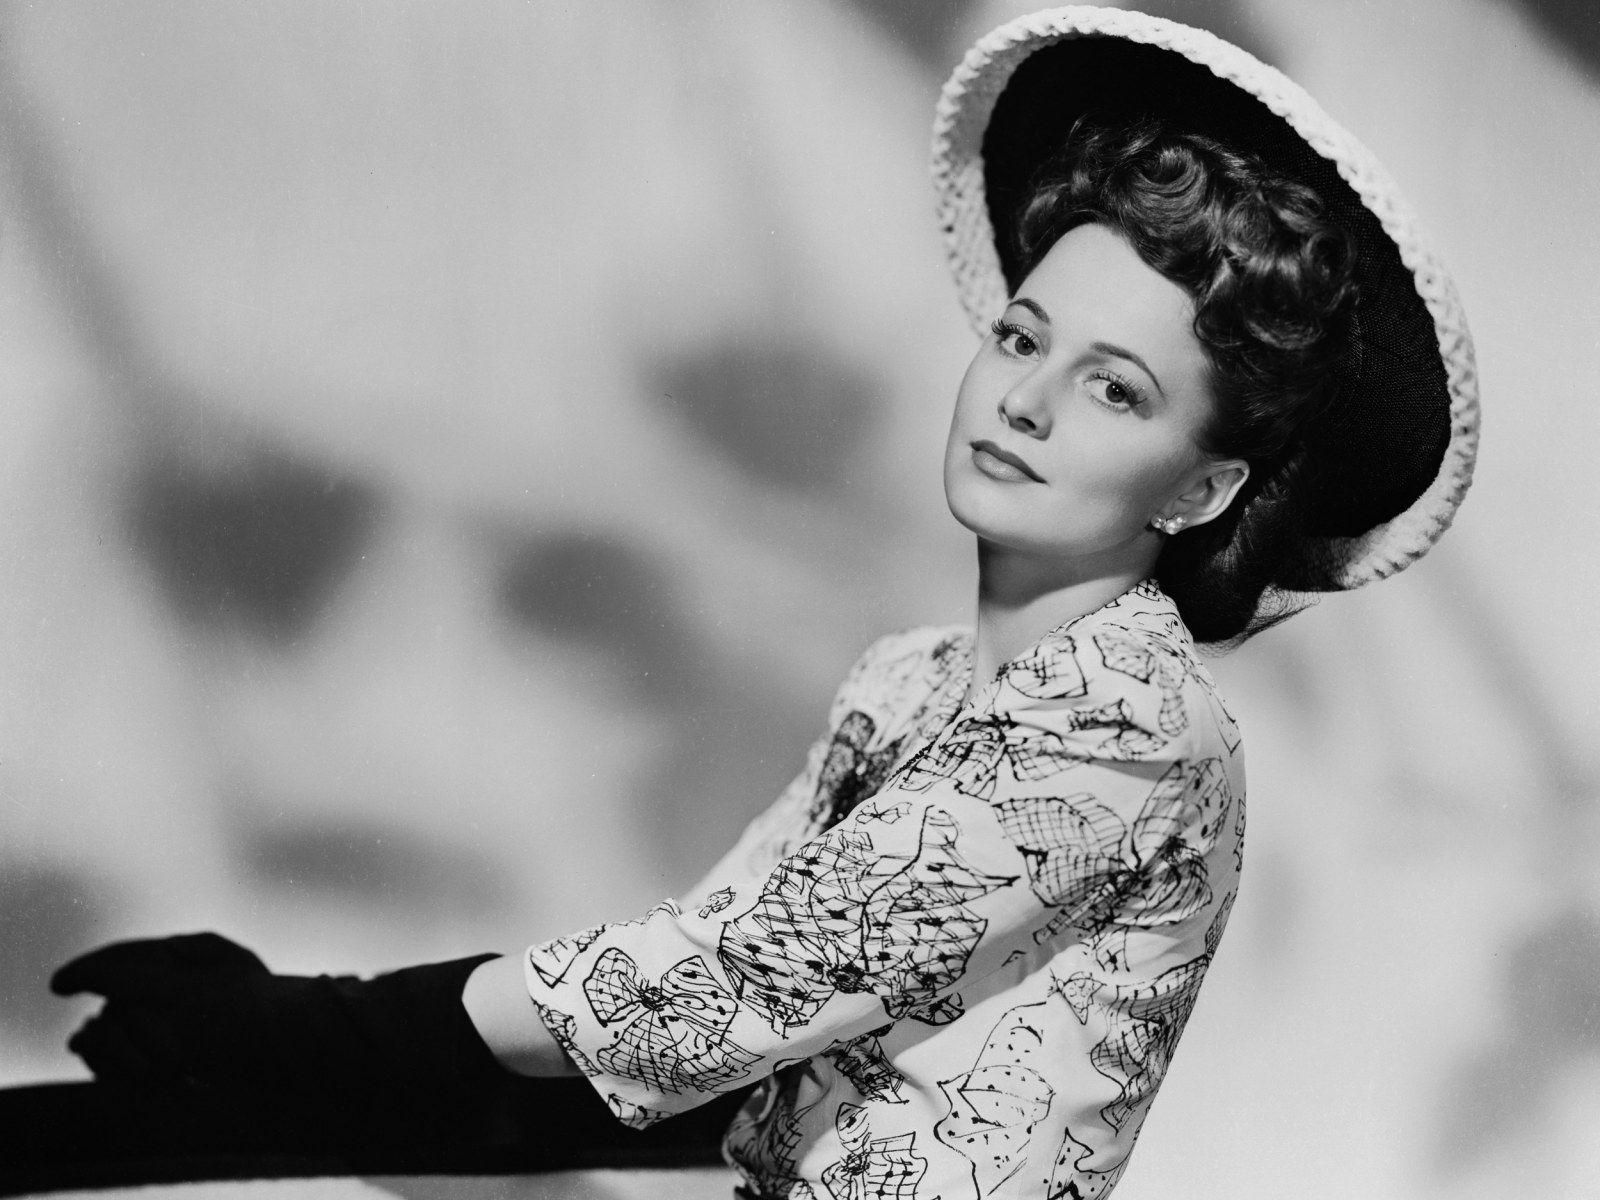 Olivia de Havilland: Autant en emporte le vent de la nostalgie